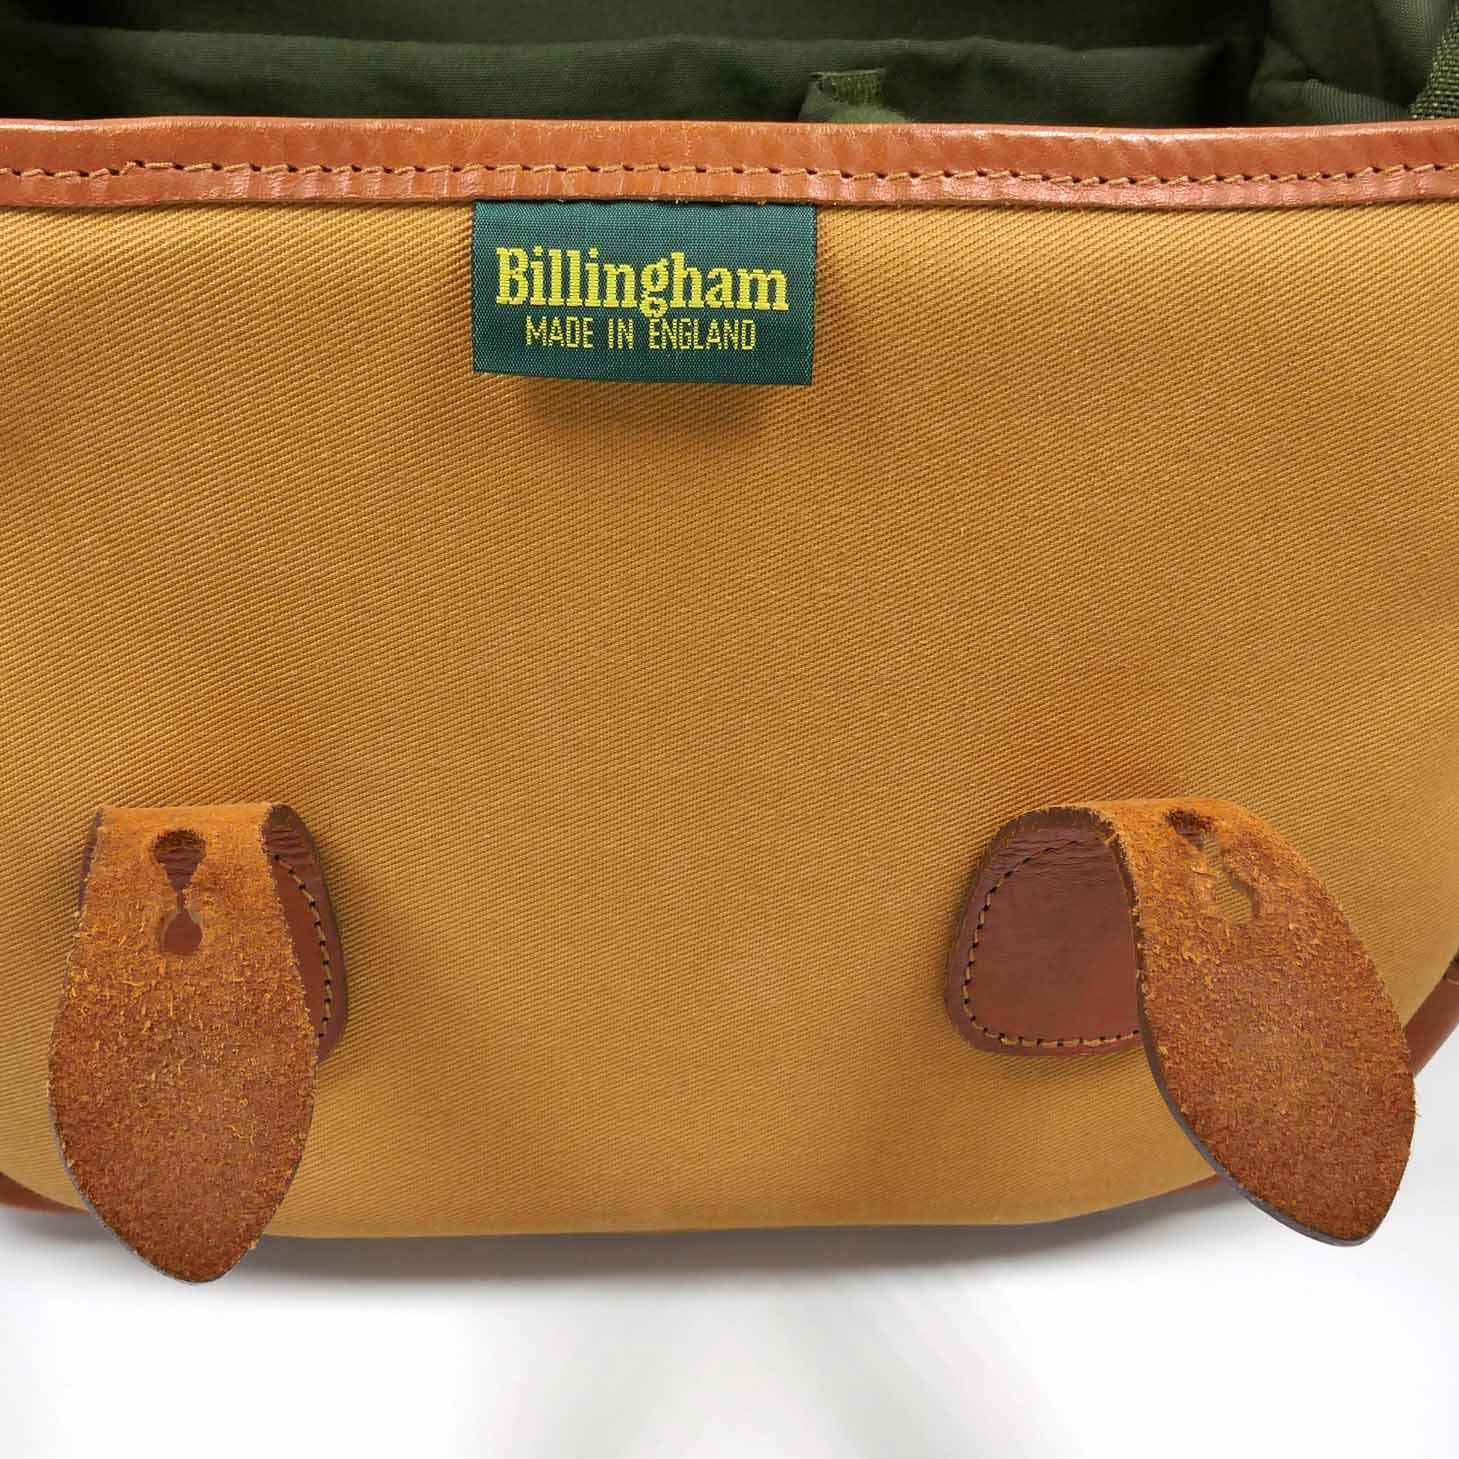 clean-cameras-Billingham-Tasche-04